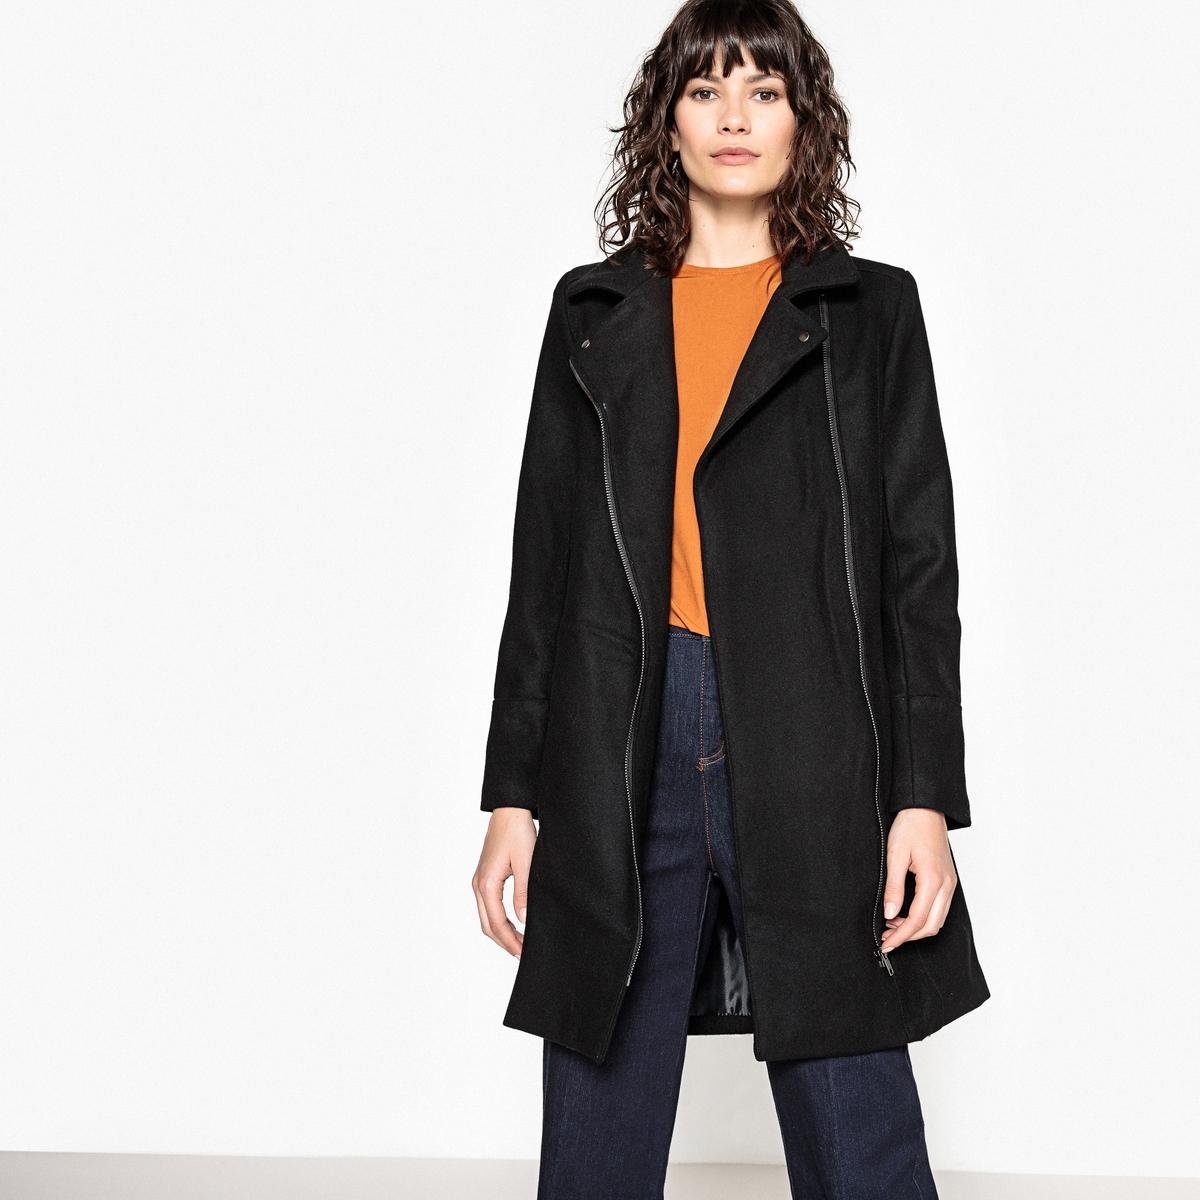 Пальто на молнии в байкерском стилеСимпатичное пальто на молнии в стиле куртки в байкерском стиле. Это модное пальто из шерстяного драпа защитит вас от холода.Детали •  Длина : средняя •  Воротник-поло, рубашечный •  Застежка на молниюСостав и уход •  70% шерсти, 30% полиэстера •  Подкладка : 100% полиэстер • Не стирать •  Деликатная чистка/без отбеливателей •  Не использовать барабанную сушку  •  Низкая температура глажки •  Длина : 92 см •  Асимметричная застежка спереди .<br><br>Цвет: черный<br>Размер: 44 (FR) - 50 (RUS).36 (FR) - 42 (RUS)